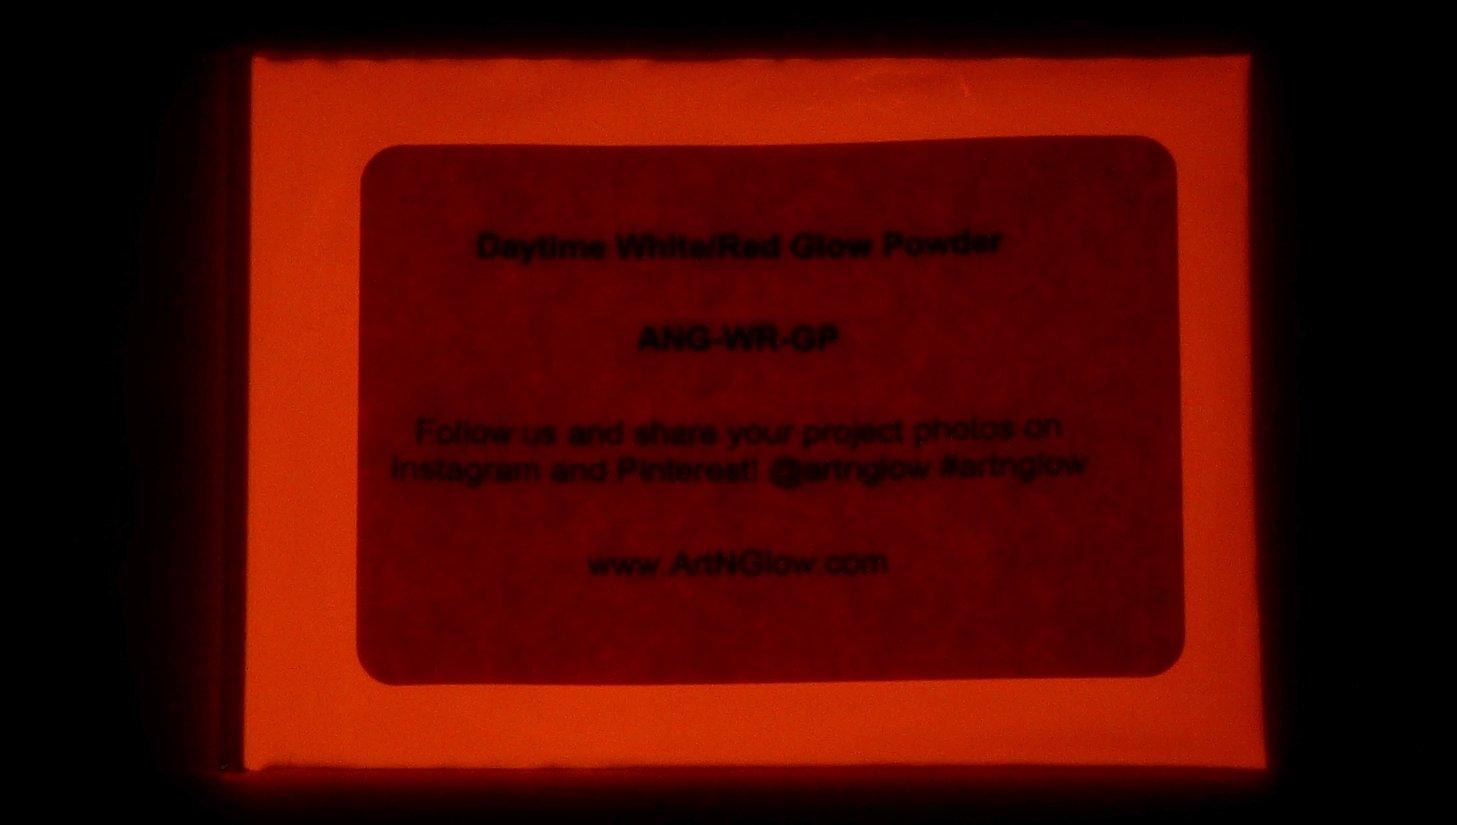 1 Ounce Glow in The Dark Pigment (30 Grams) - Waterproof (Neutral Red) by Art 'N Glow